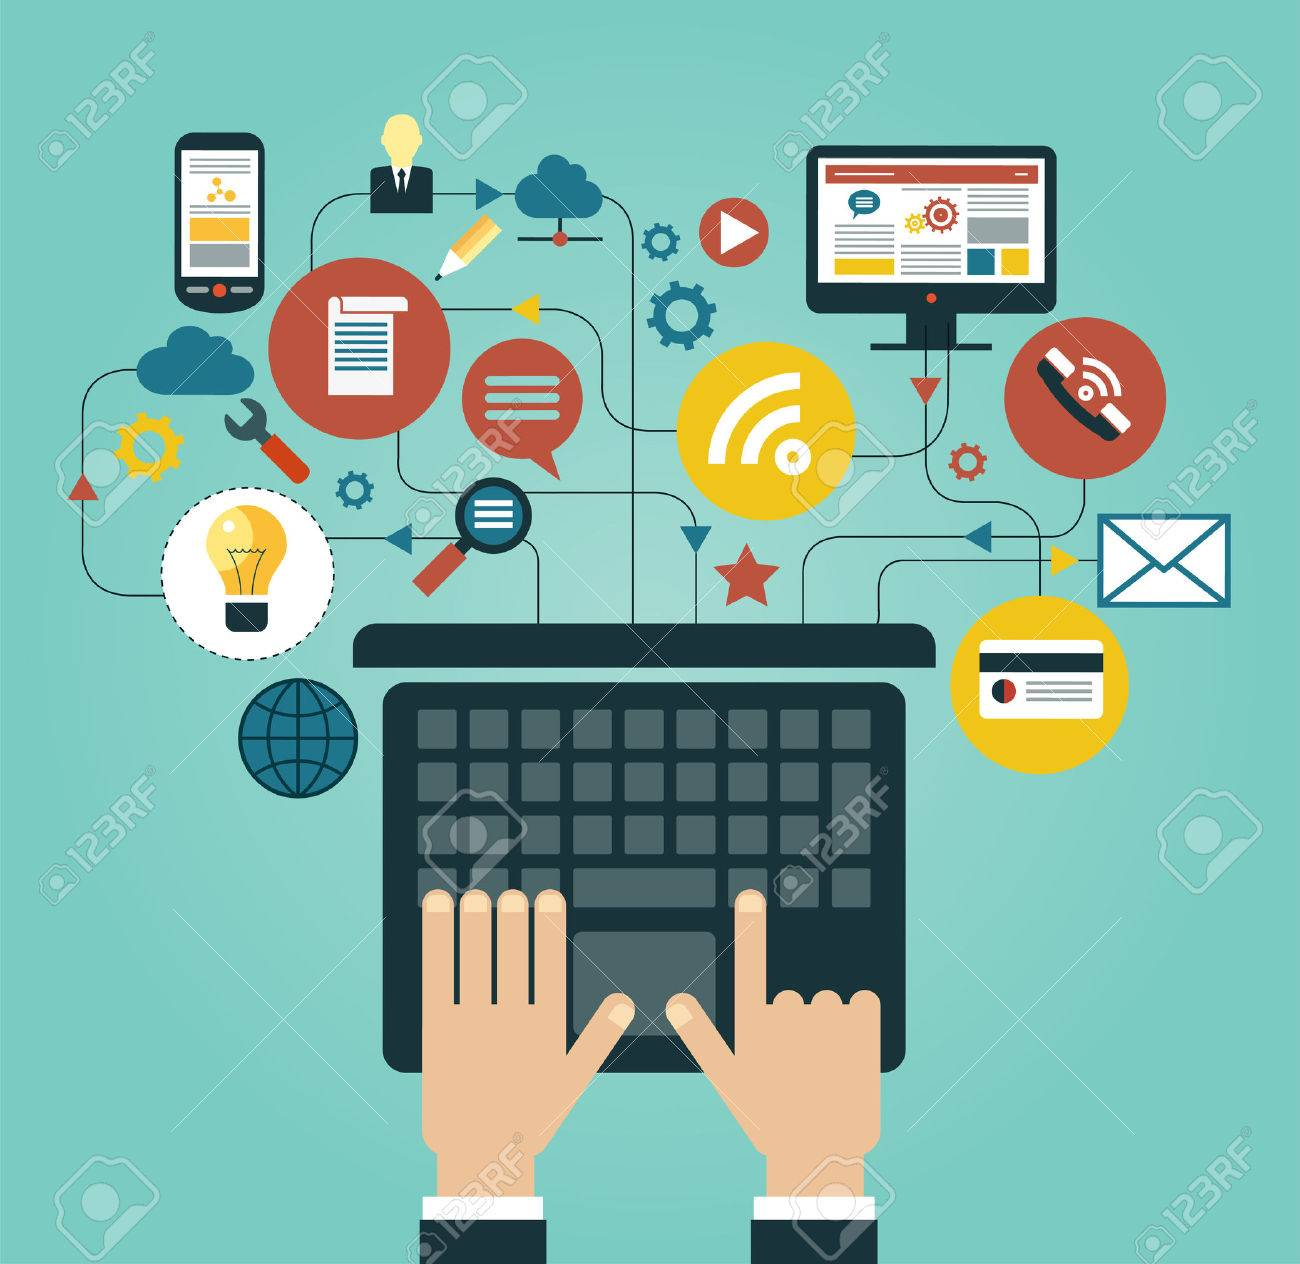 Menschliche Hand mit einem Laptop von Symbolen umgeben ist. Konzept der Kommunikation im Netzwerk Standard-Bild - 46874158